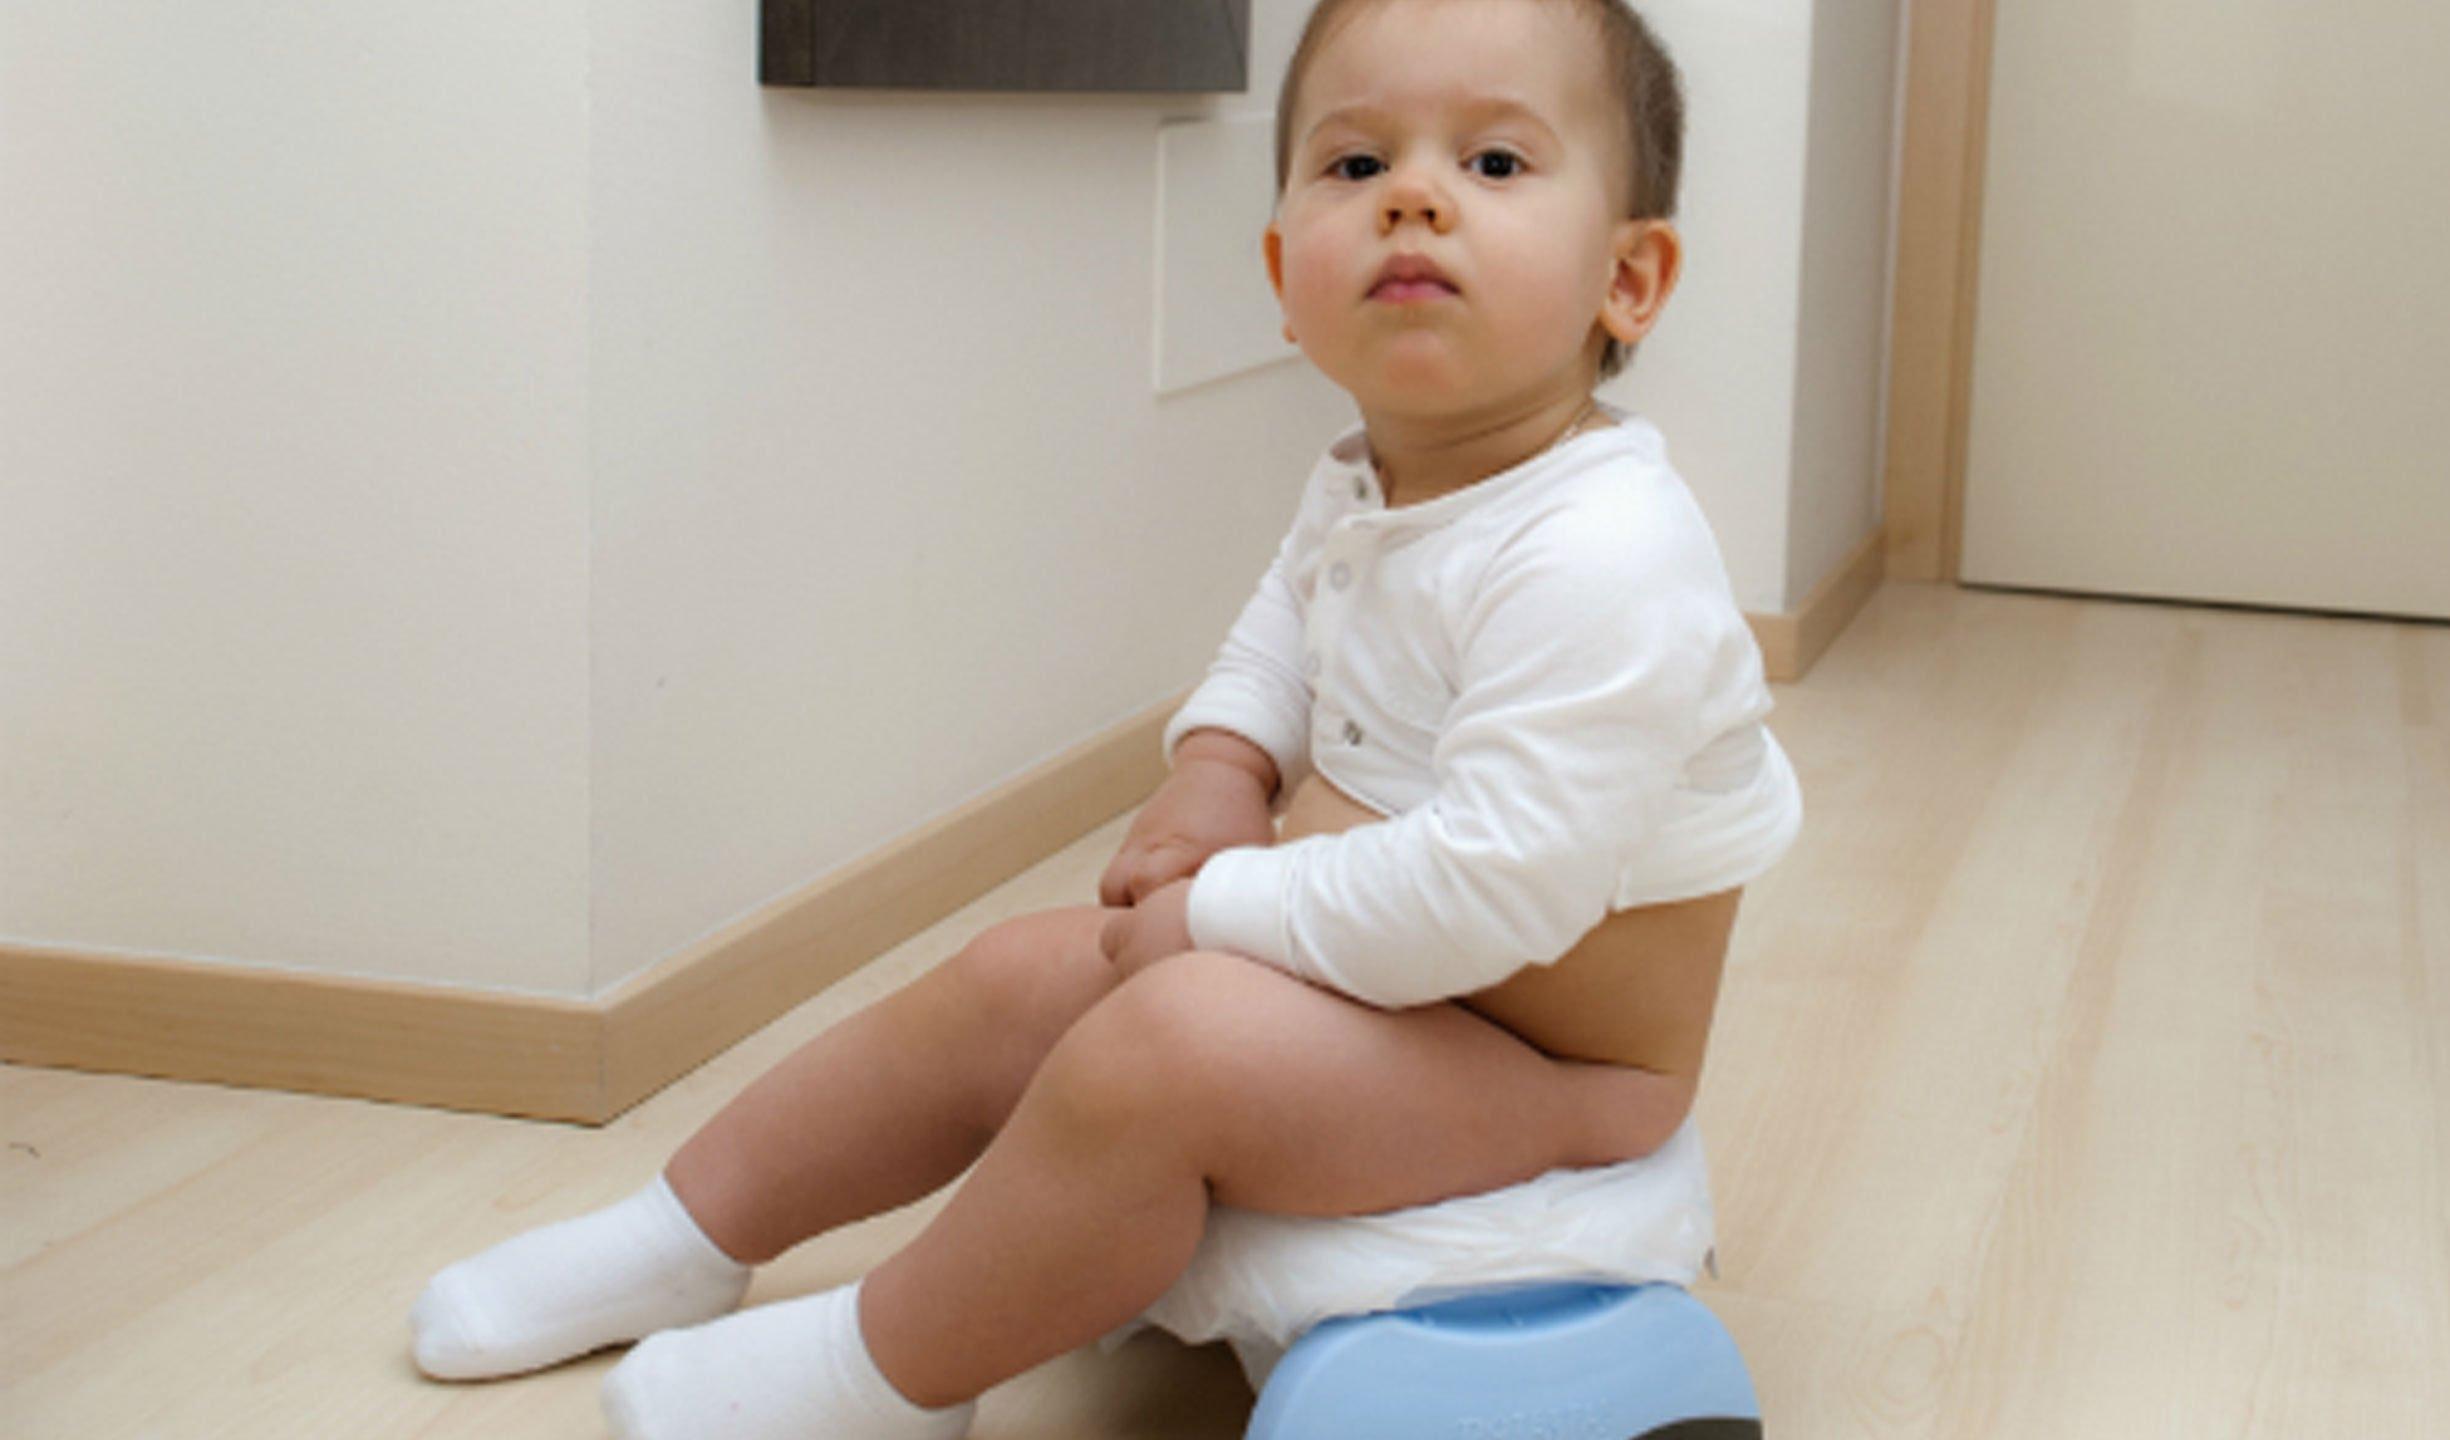 Tiêu chảy gây ảnh hưởng thế nào đến sức khoẻ của trẻ?